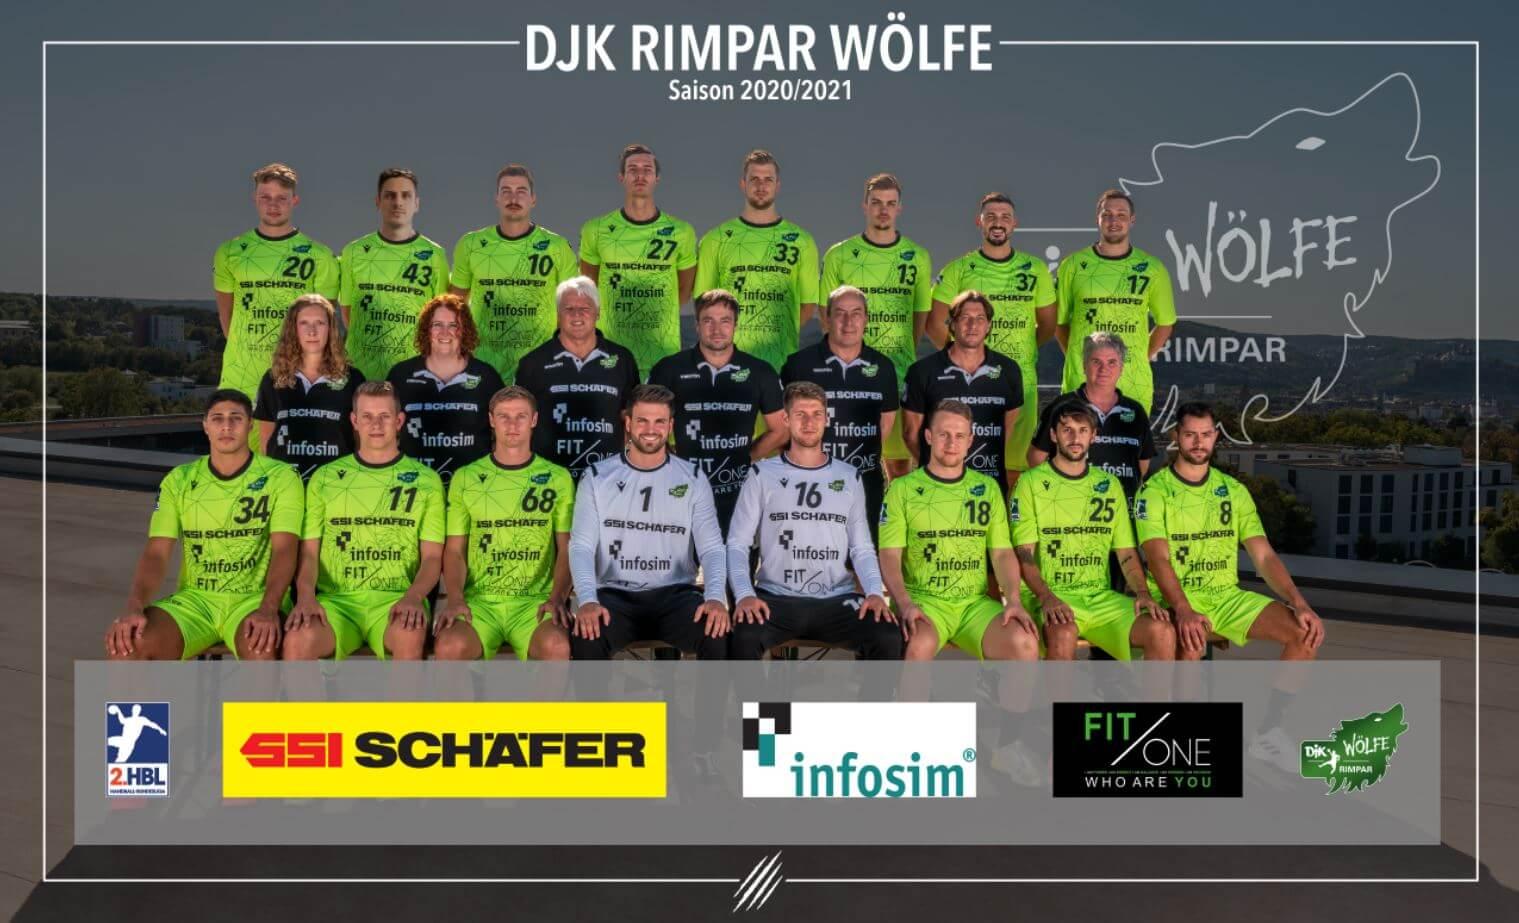 DJK Rimpar Wölfe Teamfoto